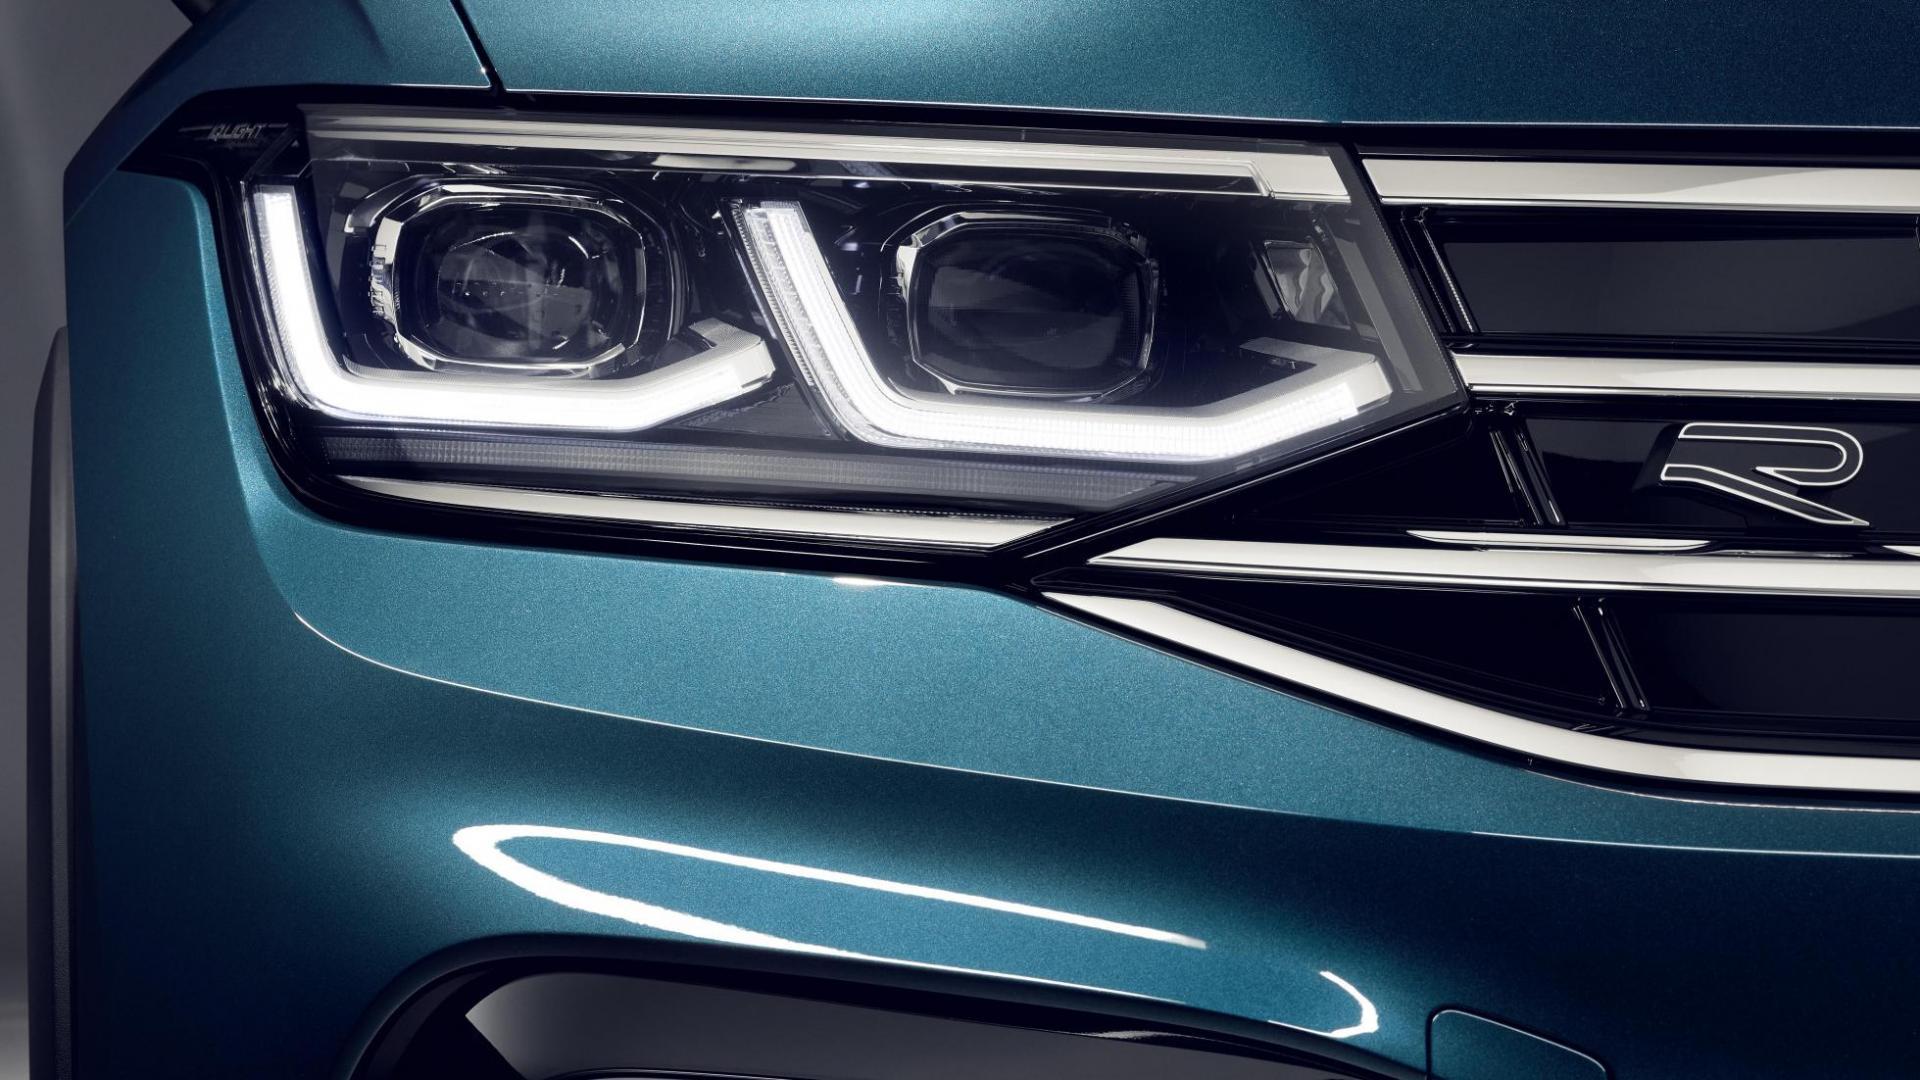 koplampen Volkswagen Tiguan-facelift 2020